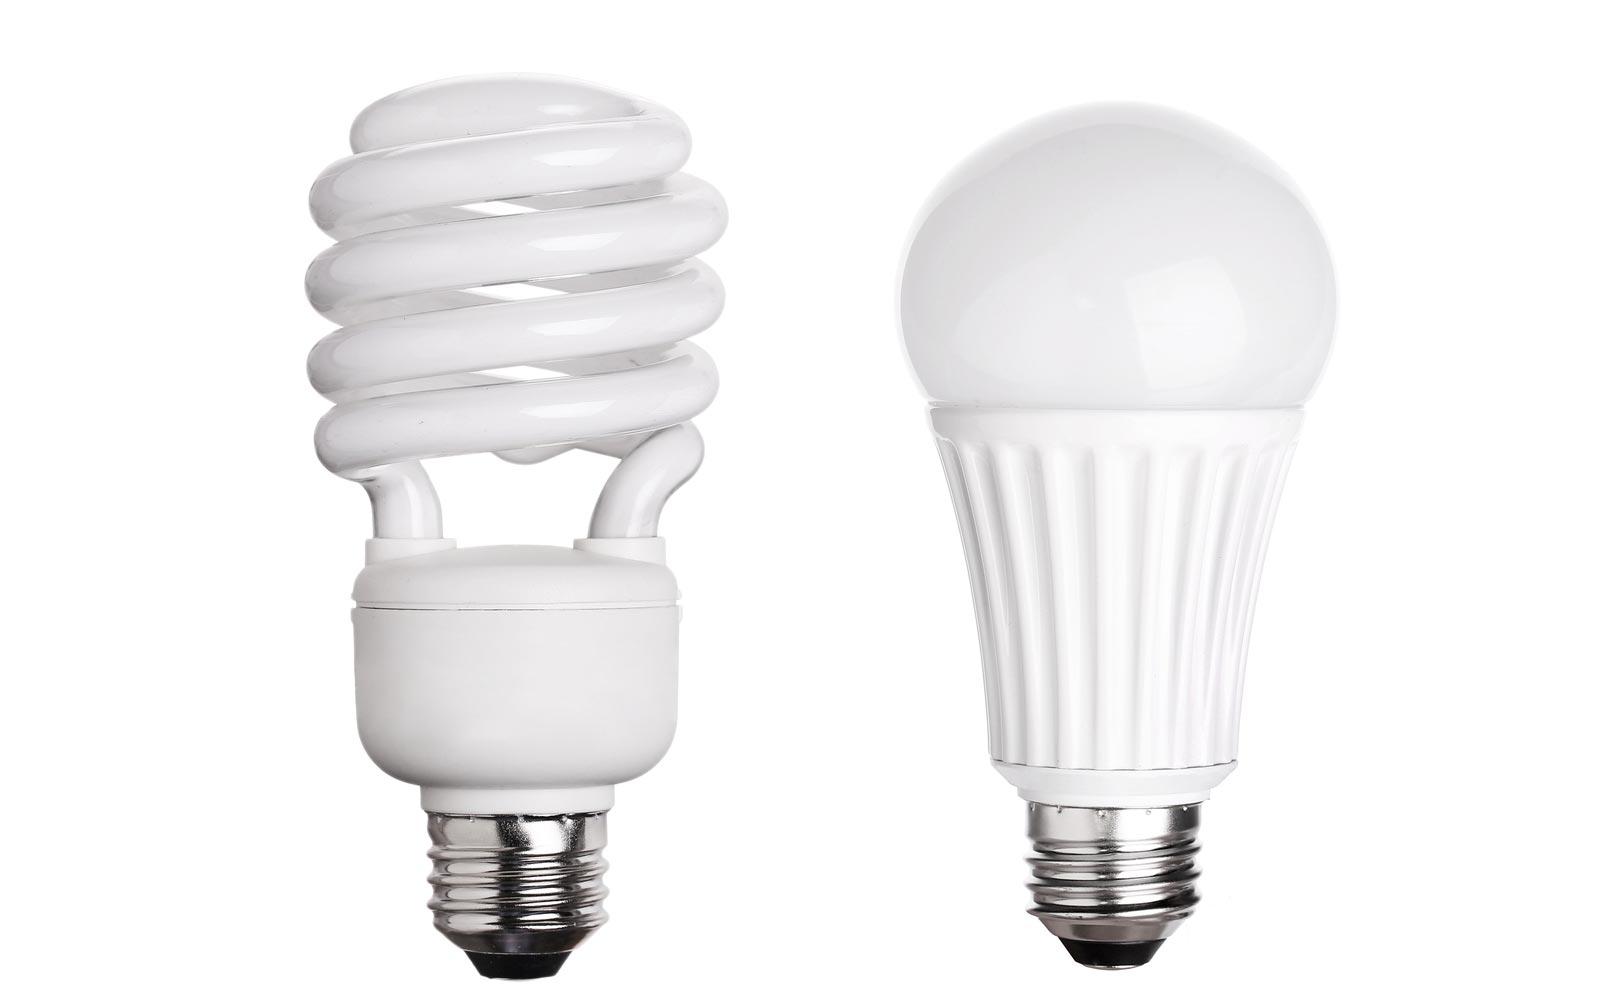 三雄极光终止LED绿色照明扩产项目,将加大扩产智能化产品